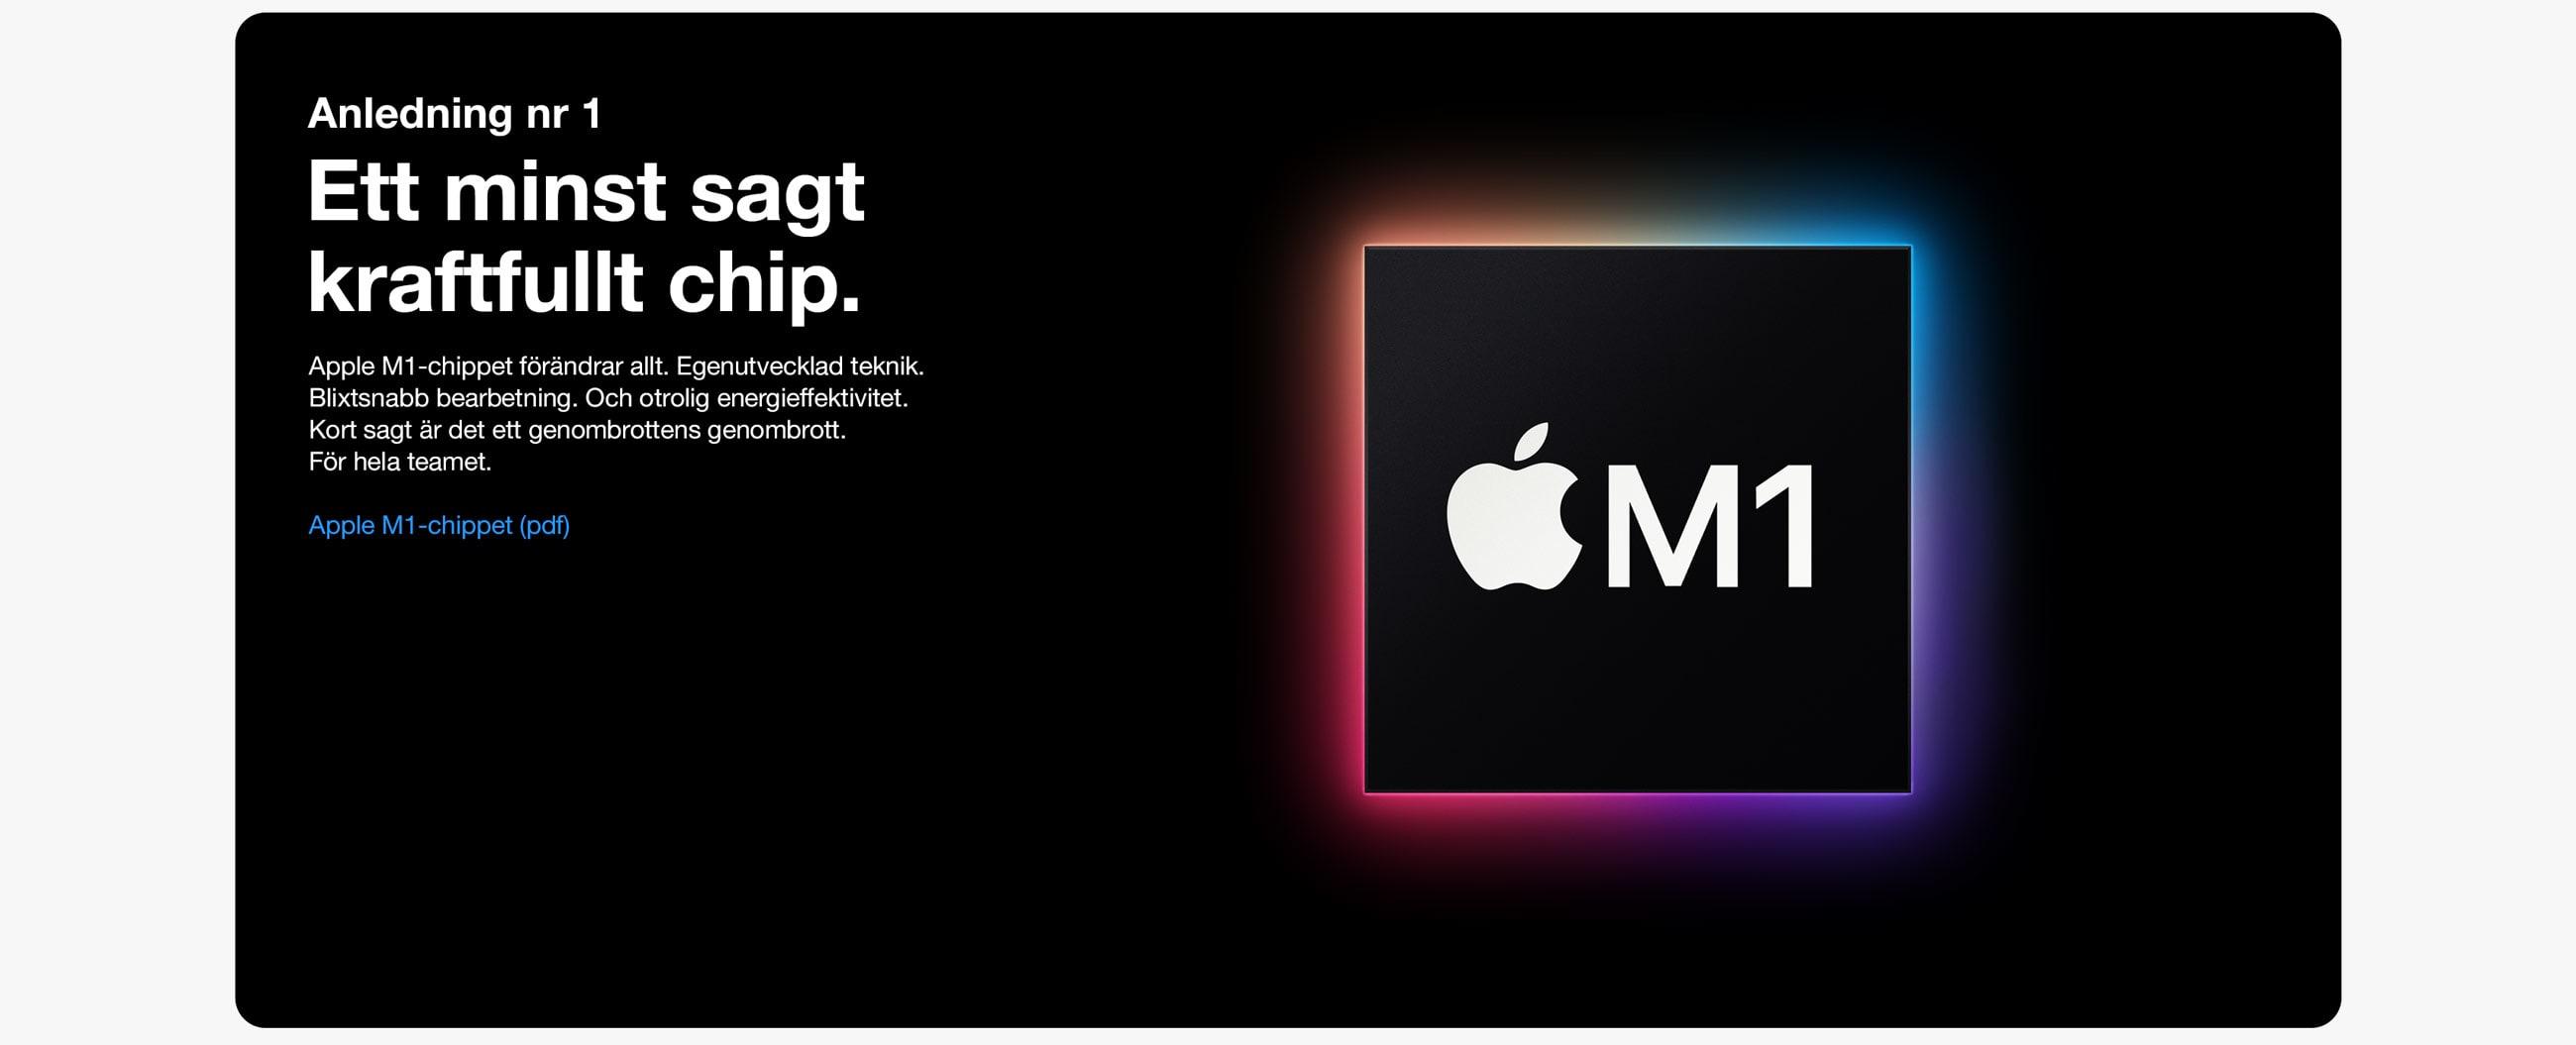 Anledning 1. Apple M1-chippet är ett kraftfullt chip med Apples egenutvecklade teknik. Det är både energieffektivt och har blixtsnabb bearbetning.